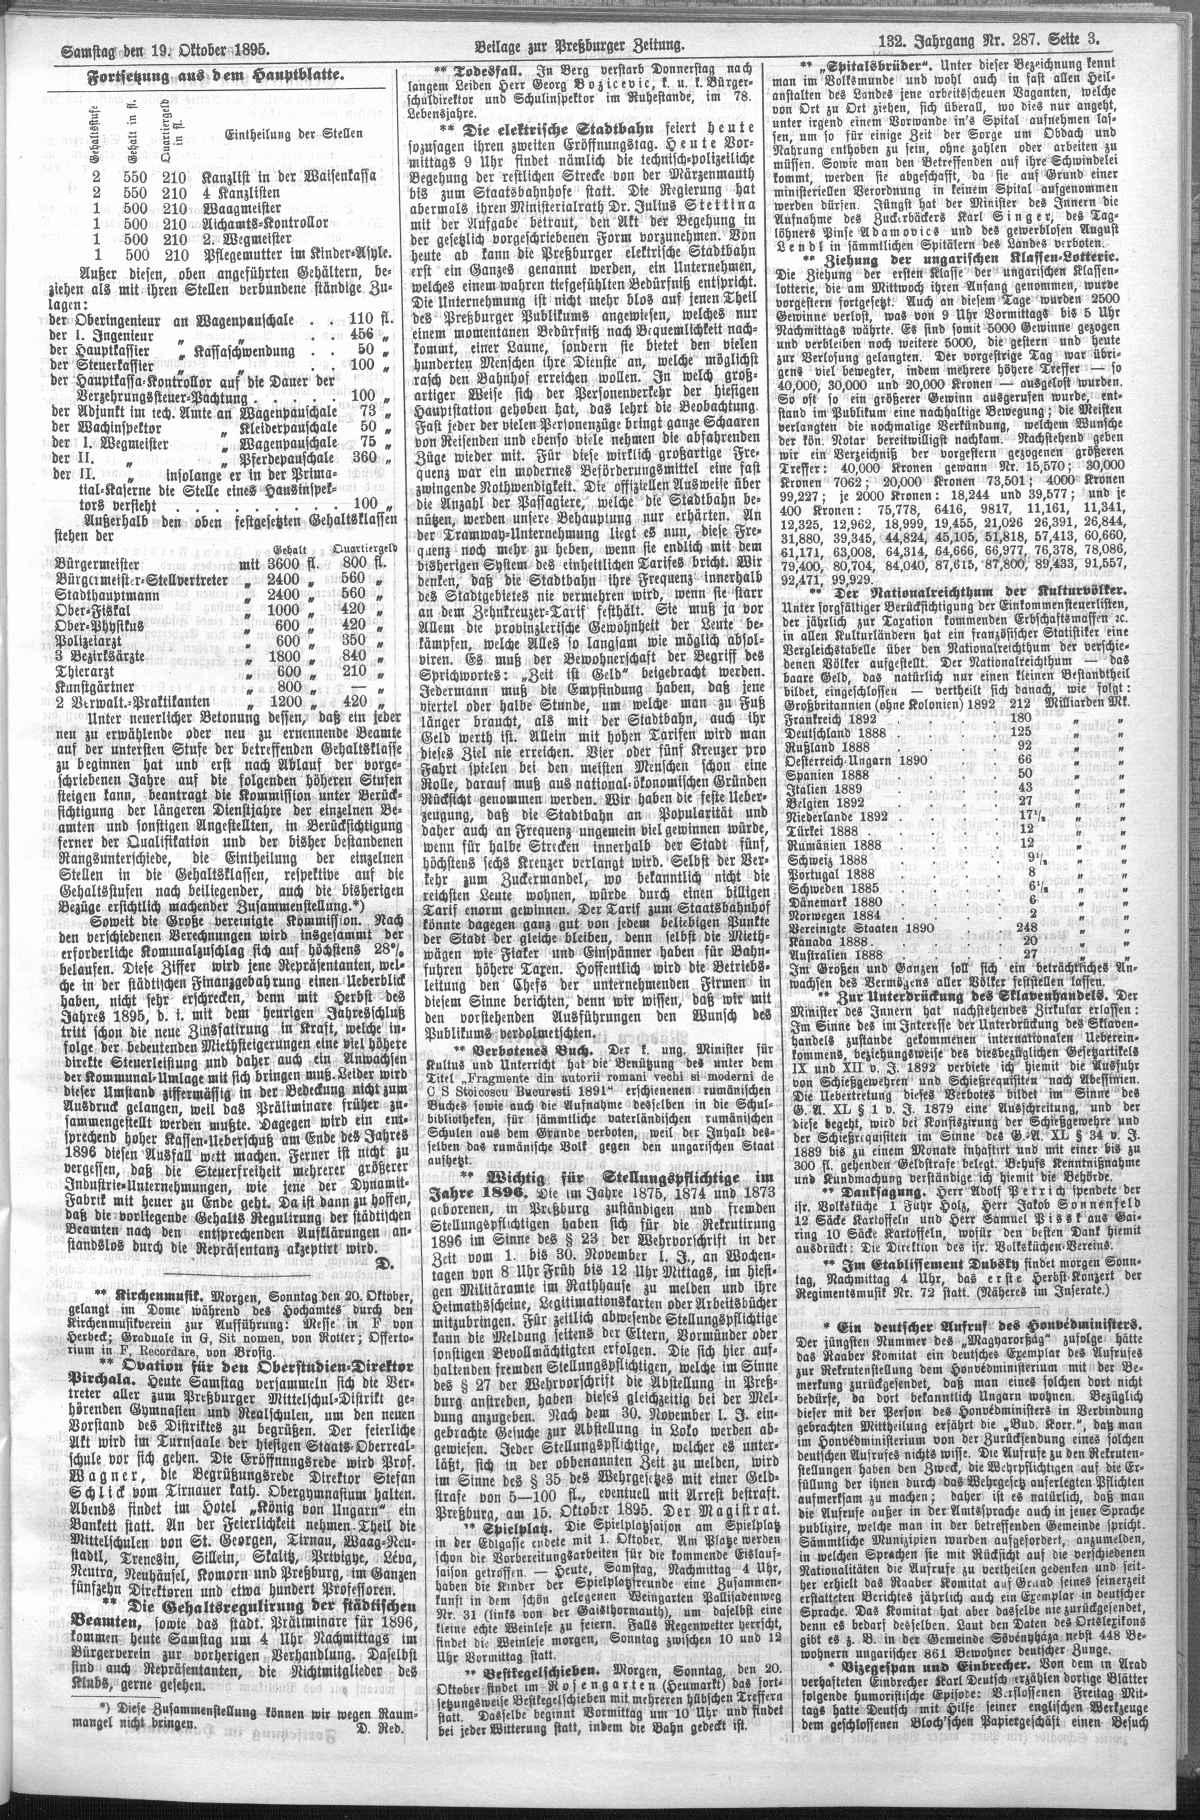 Článok v Pressburger Zeitung z 19. októbra 1895 1895